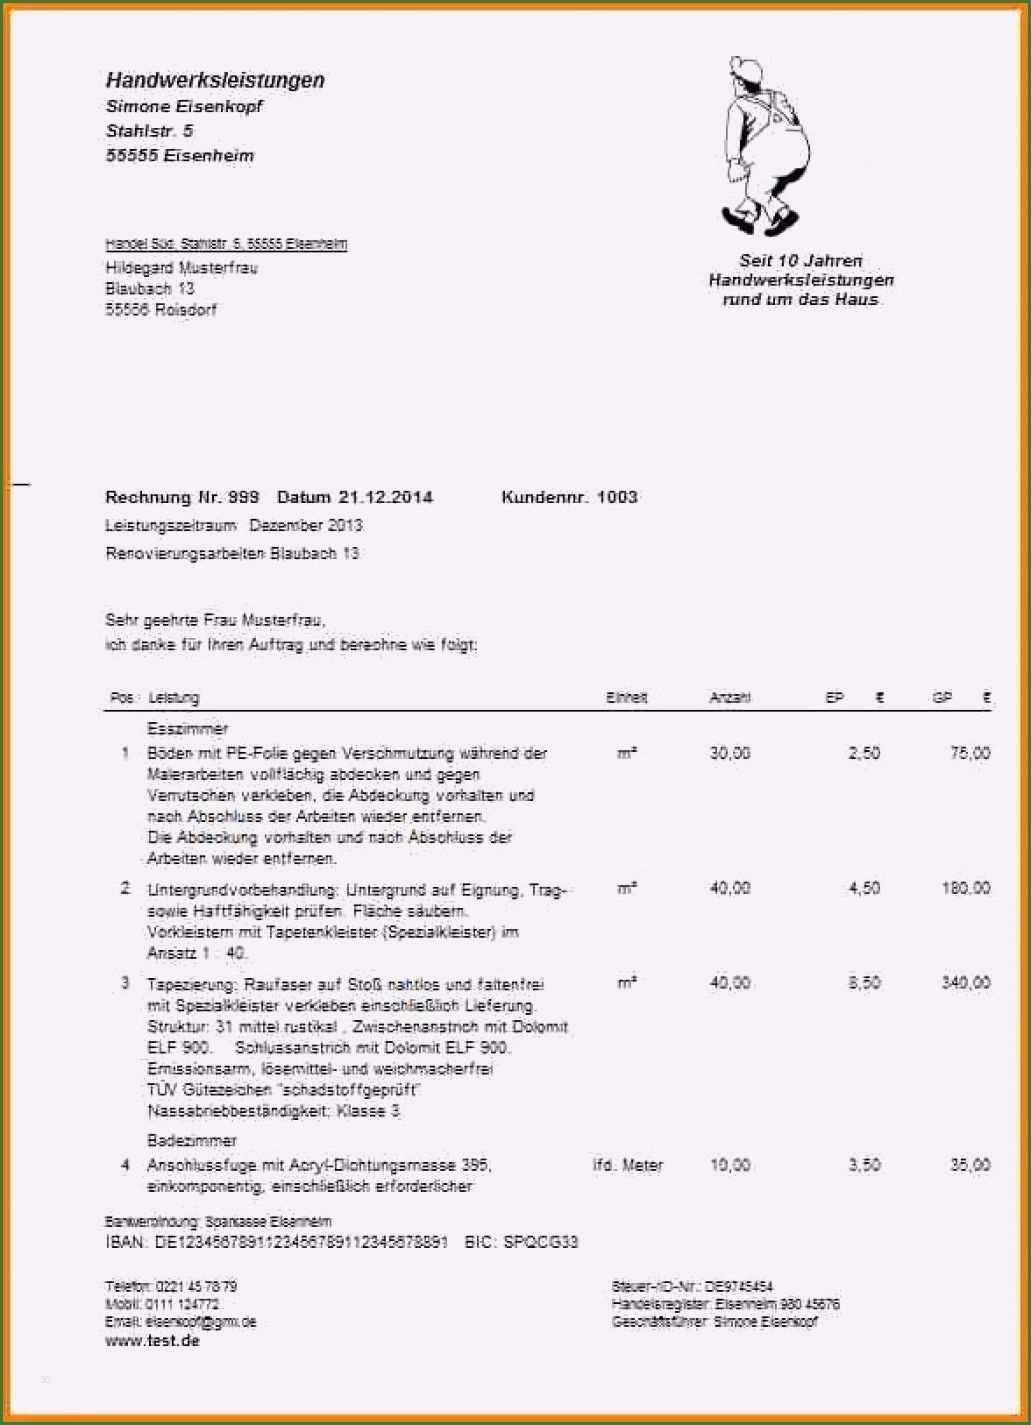 28 Suss Handwerkerrechnung Muster Vorlage Bilder In 2020 Briefkopf Vorlage Vorlagen Word Ordner Etiketten Vorlage